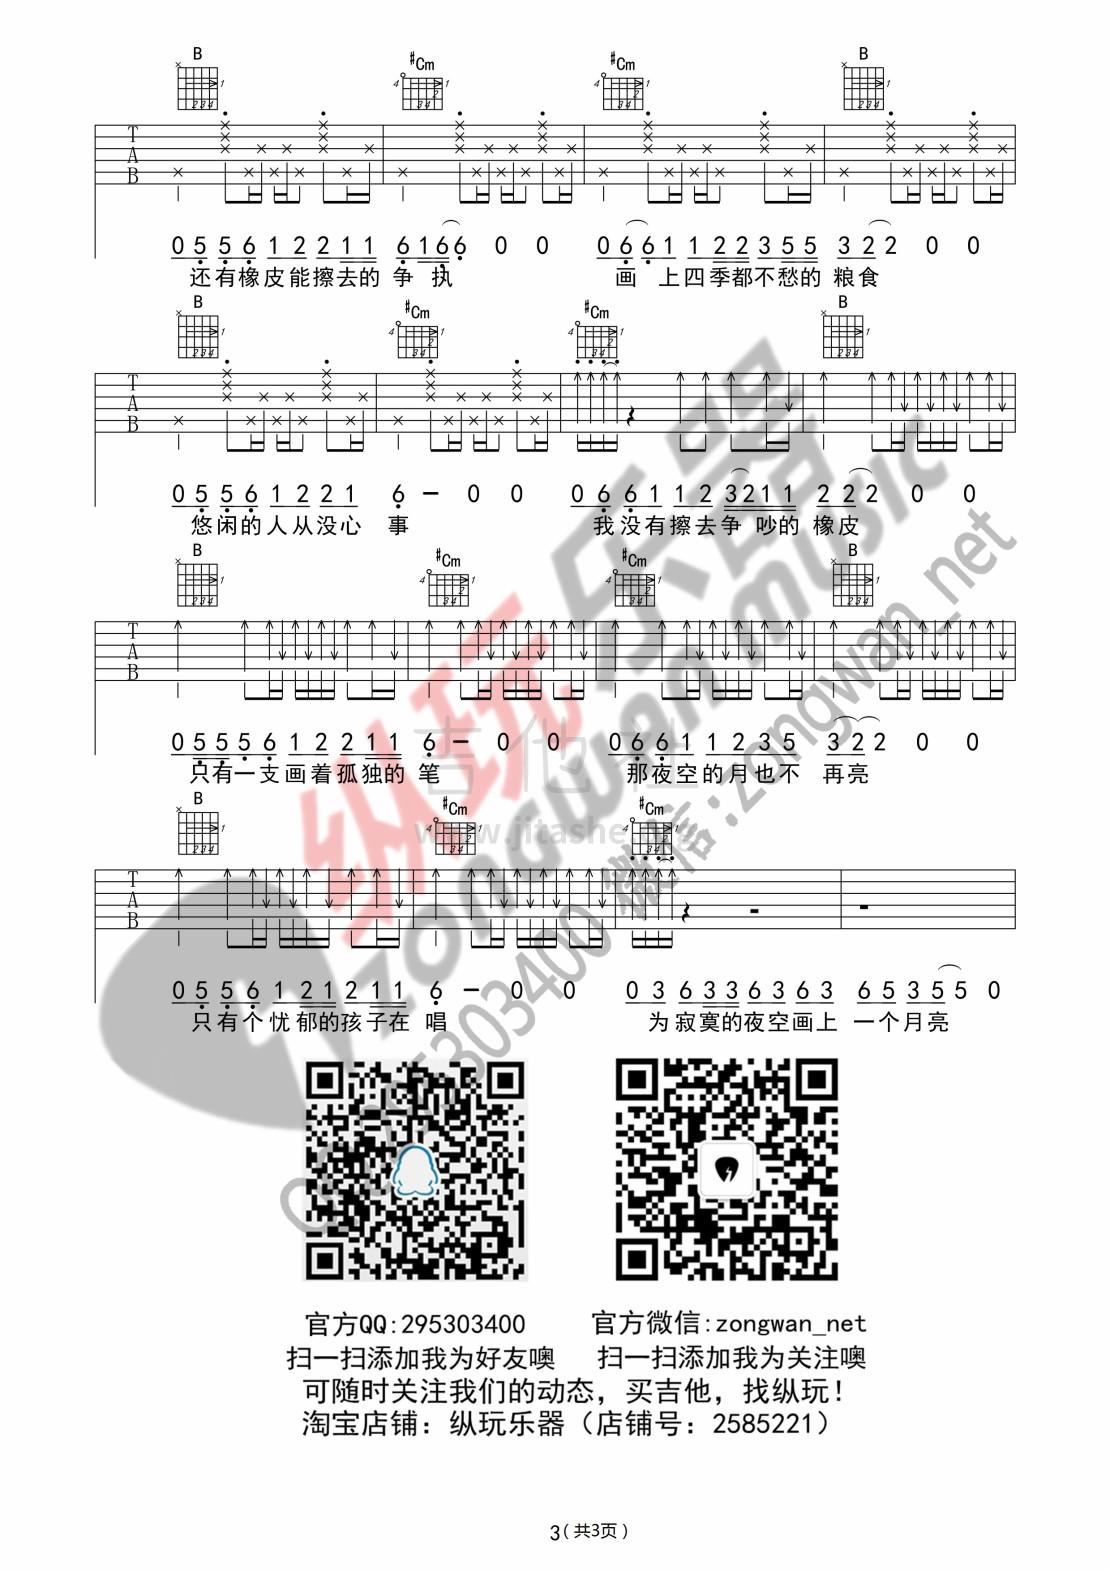 画(纵玩版吉他谱 好歌曲版本)吉他谱(图片谱,弹唱,中国好歌曲)_赵雷(雷子)_画03_副本_副本.jpg